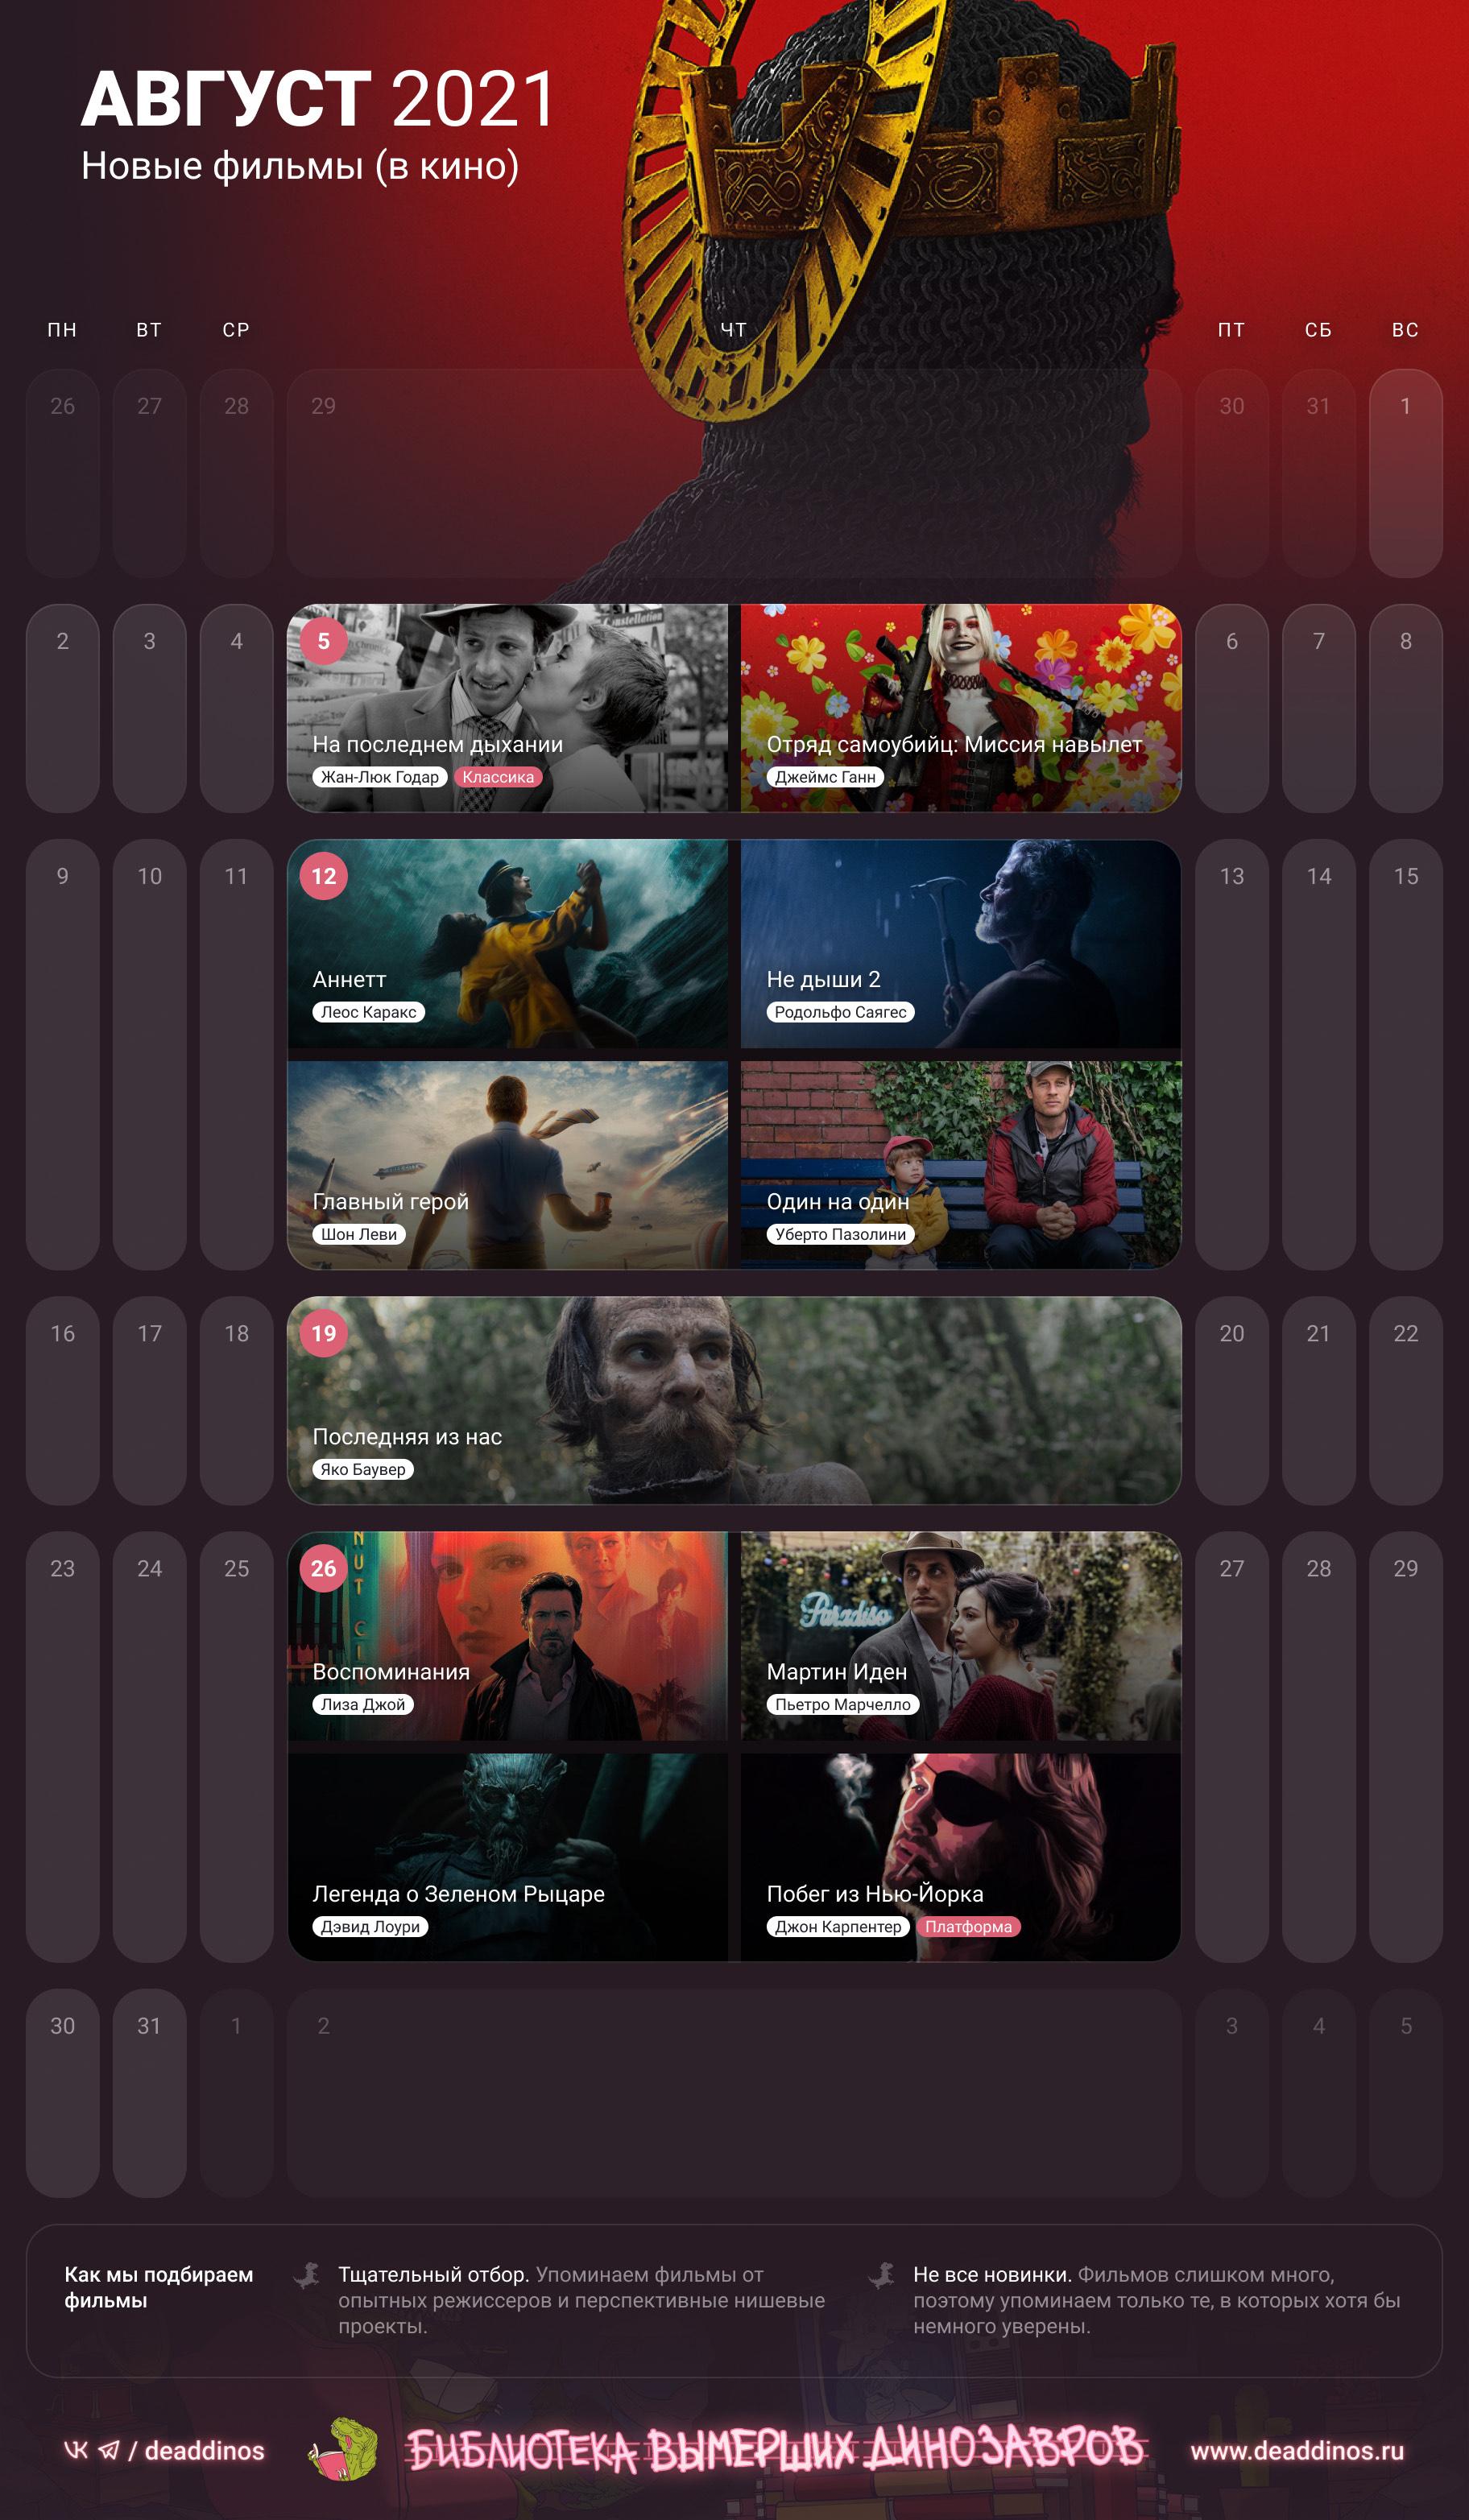 Фильмы в кино